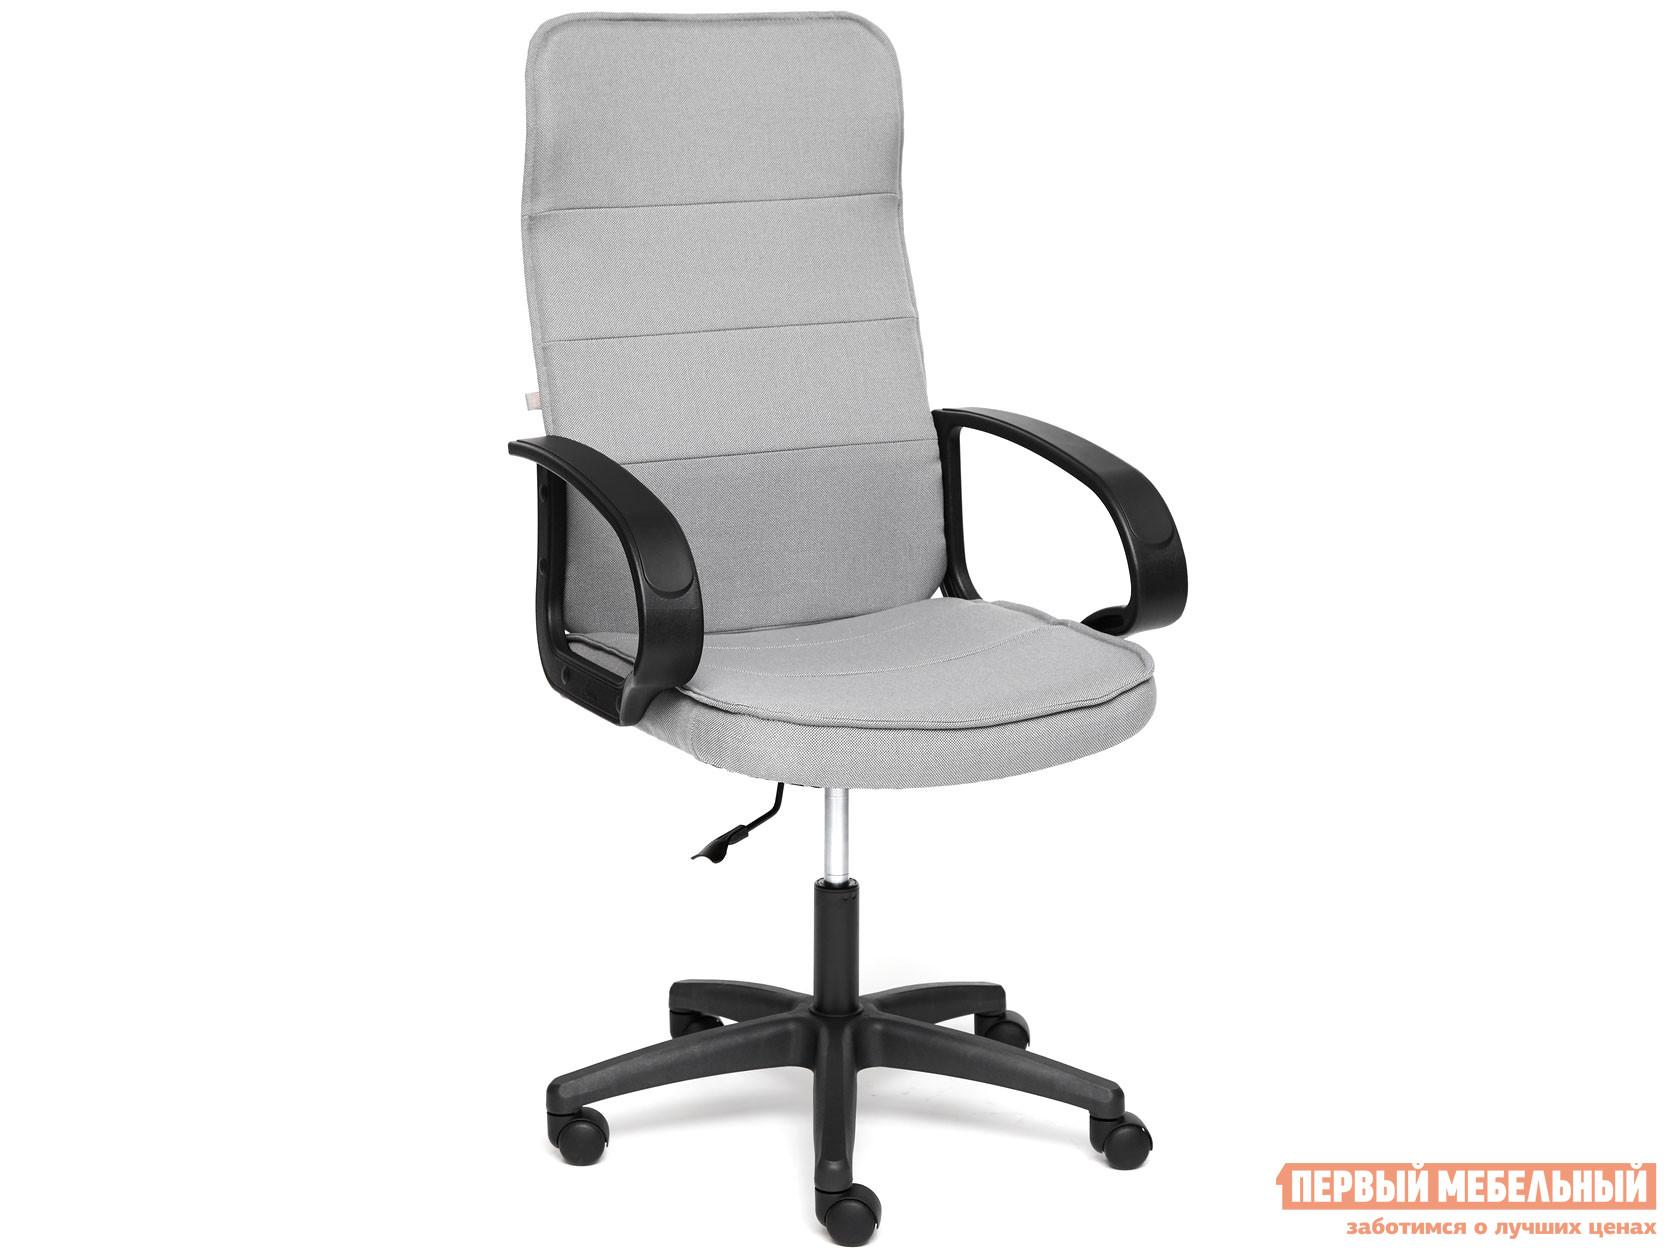 Офисное кресло Кресло WOKER Серая ткань C27 фото